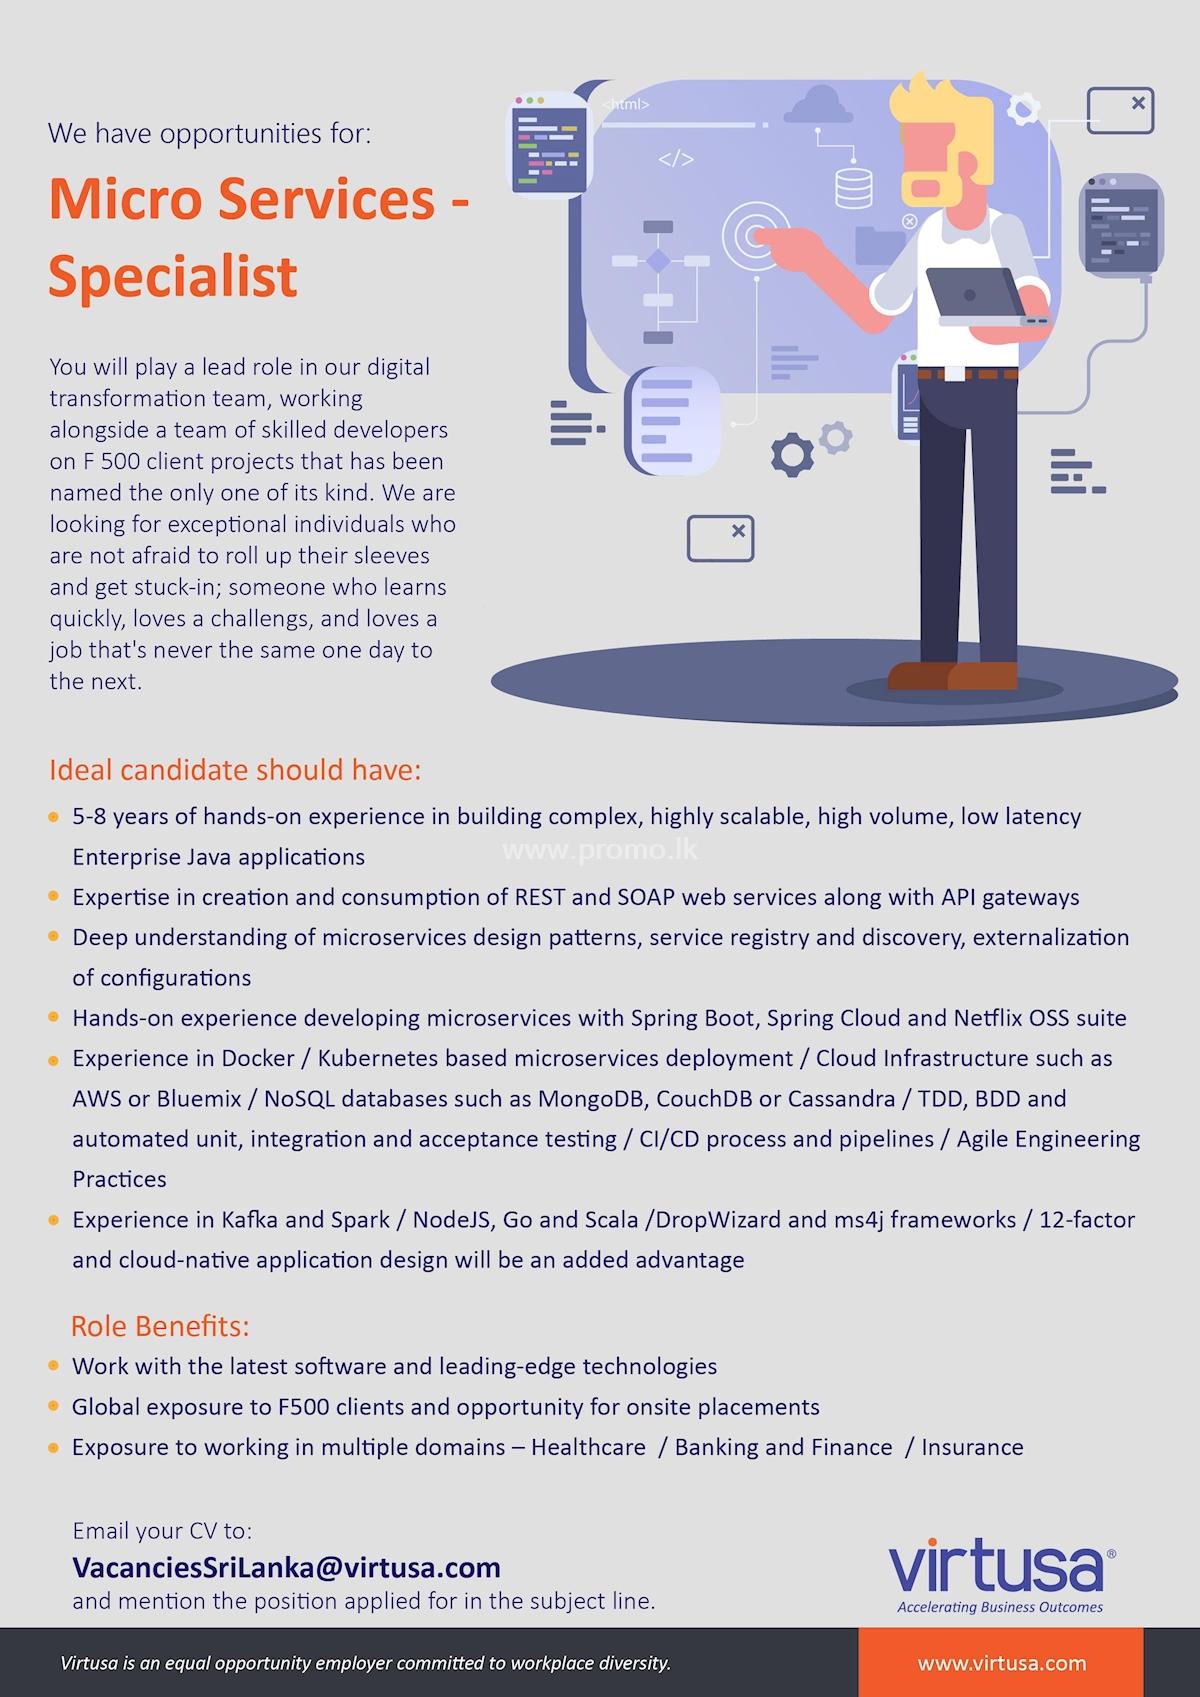 Micro Service - Specialist